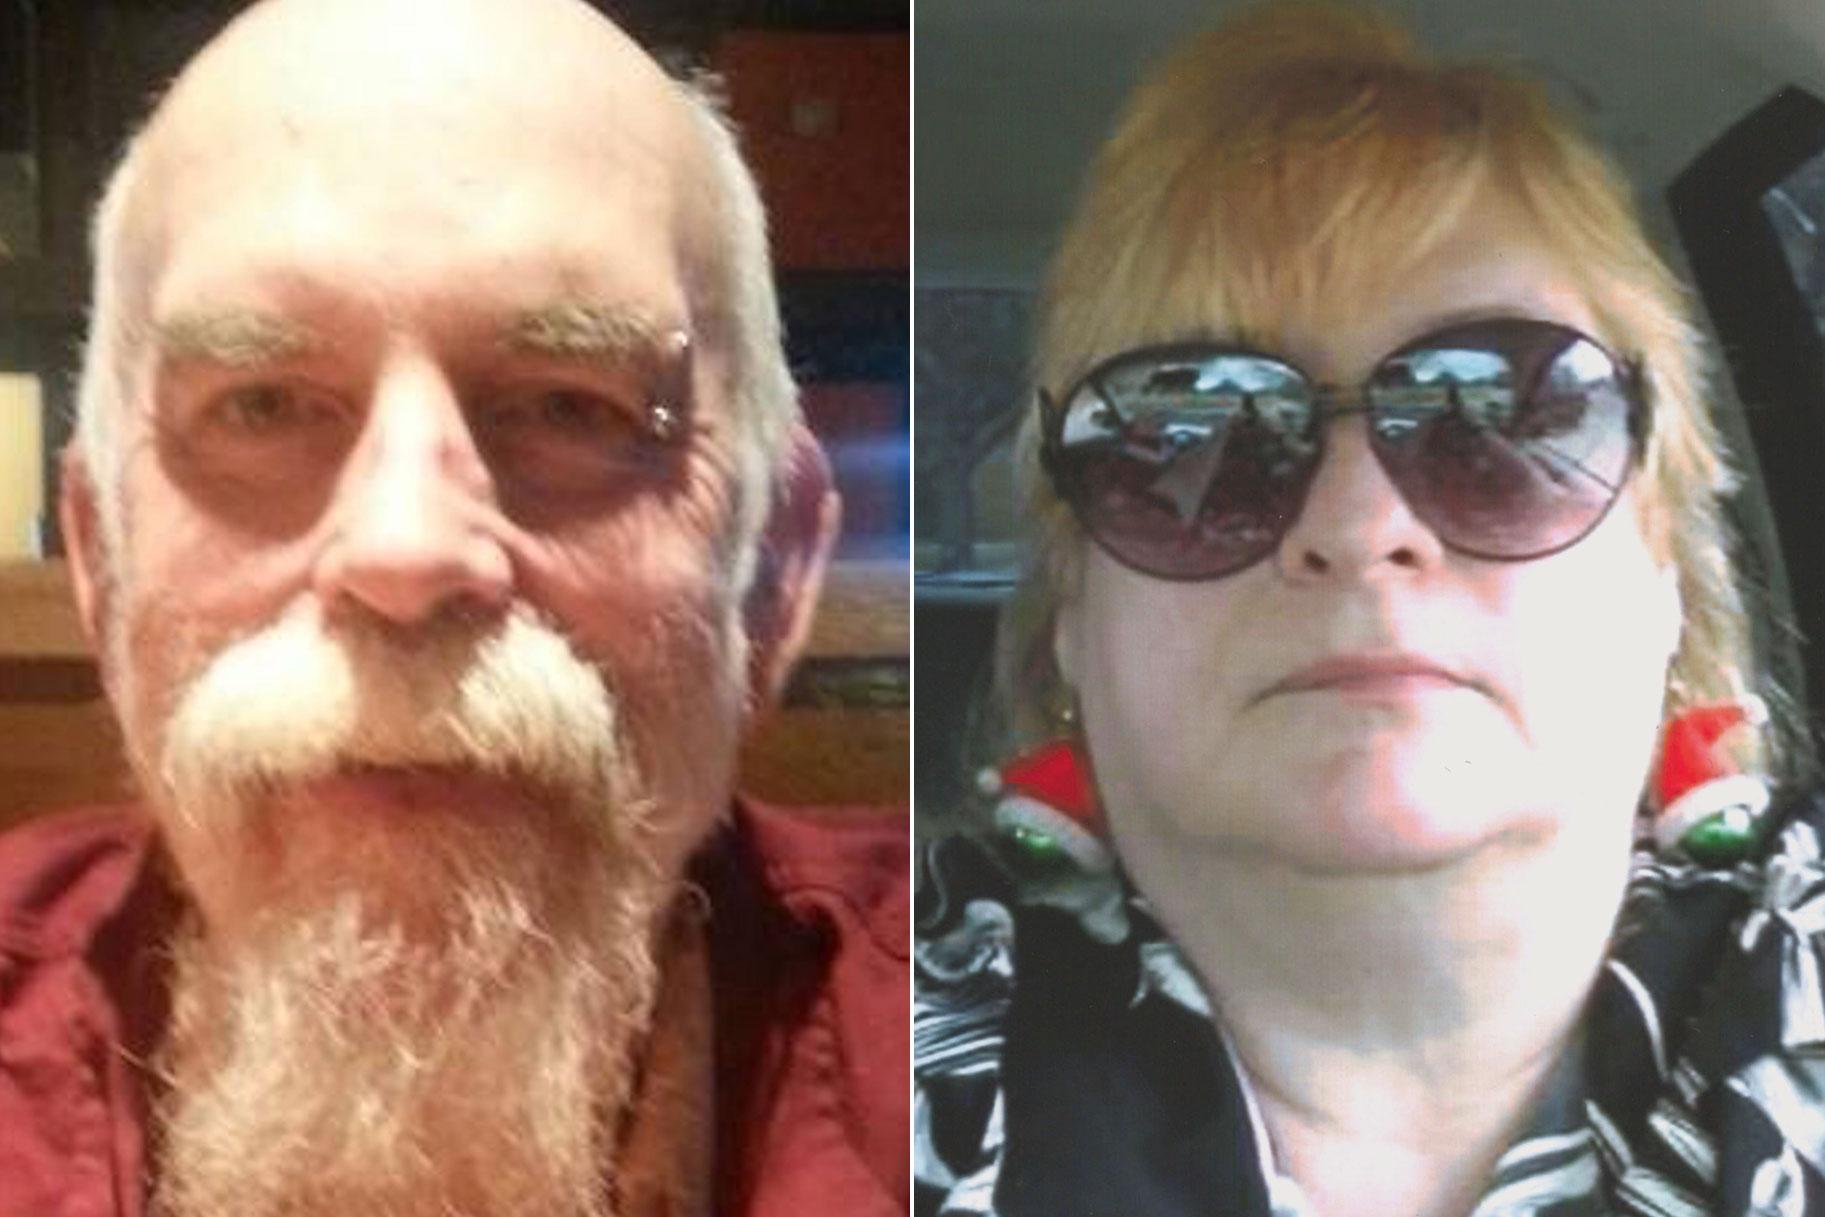 Escritor de crímenes en lucha le promete a 'sicario' $ 60 mil para asesinar a su esposo distanciado